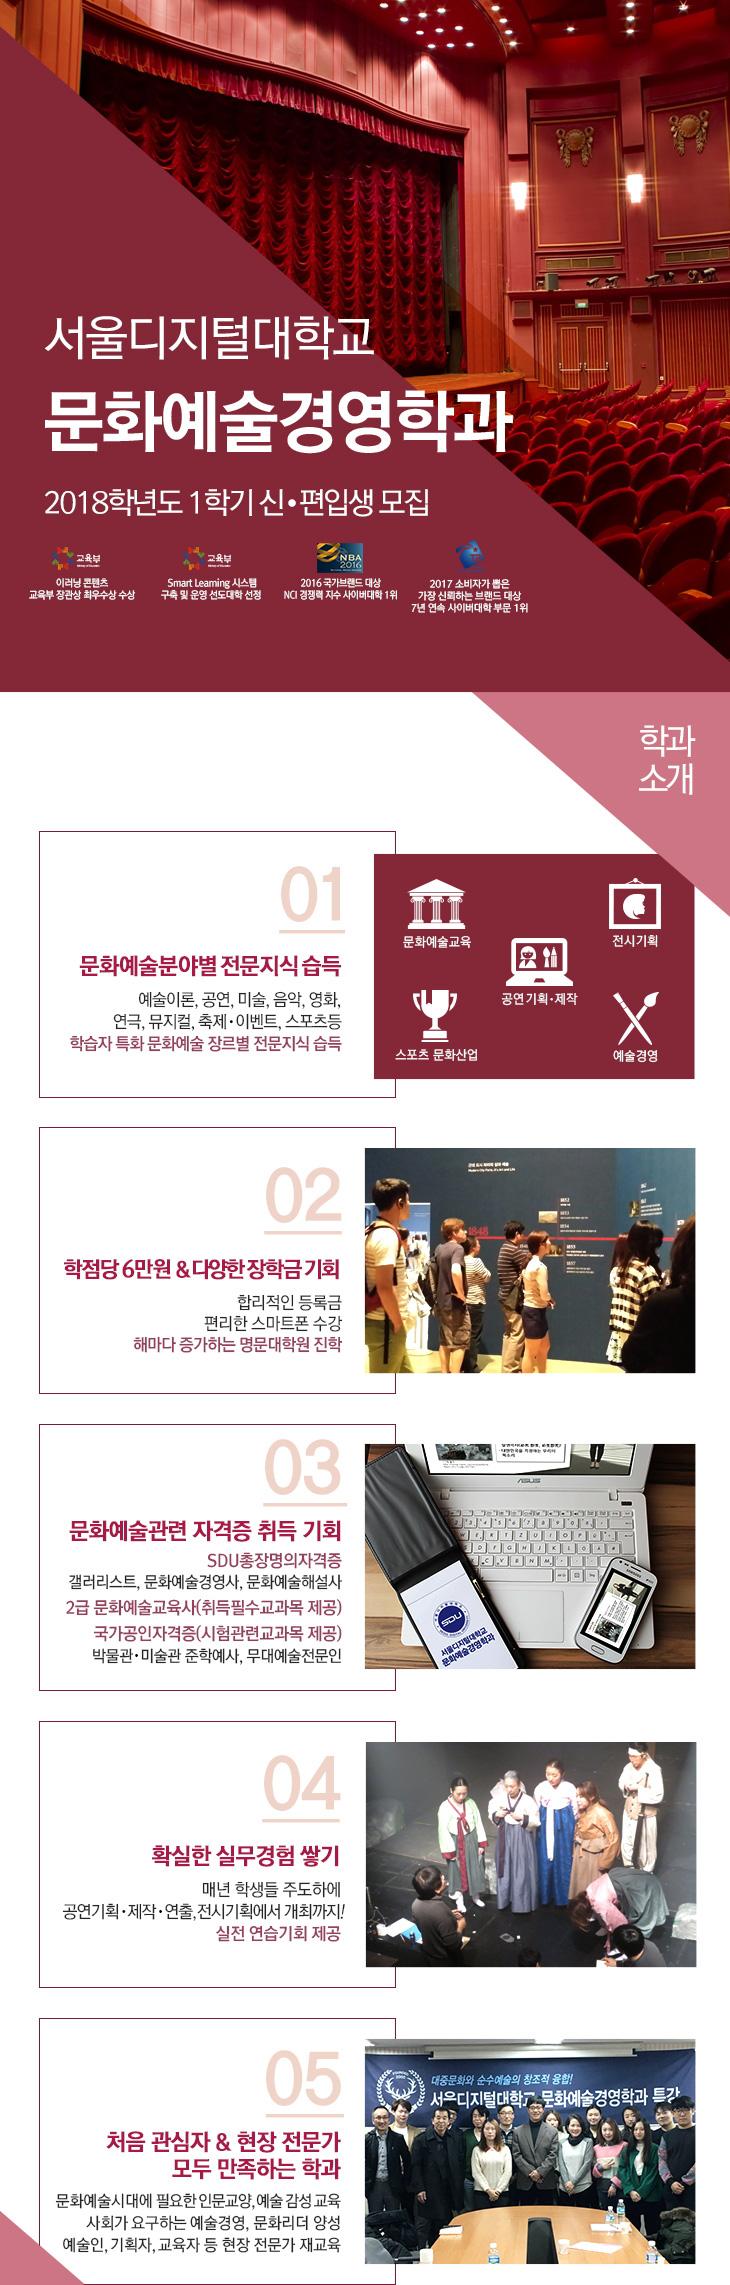 서울디지털대학교 문화예술경영학과 소개